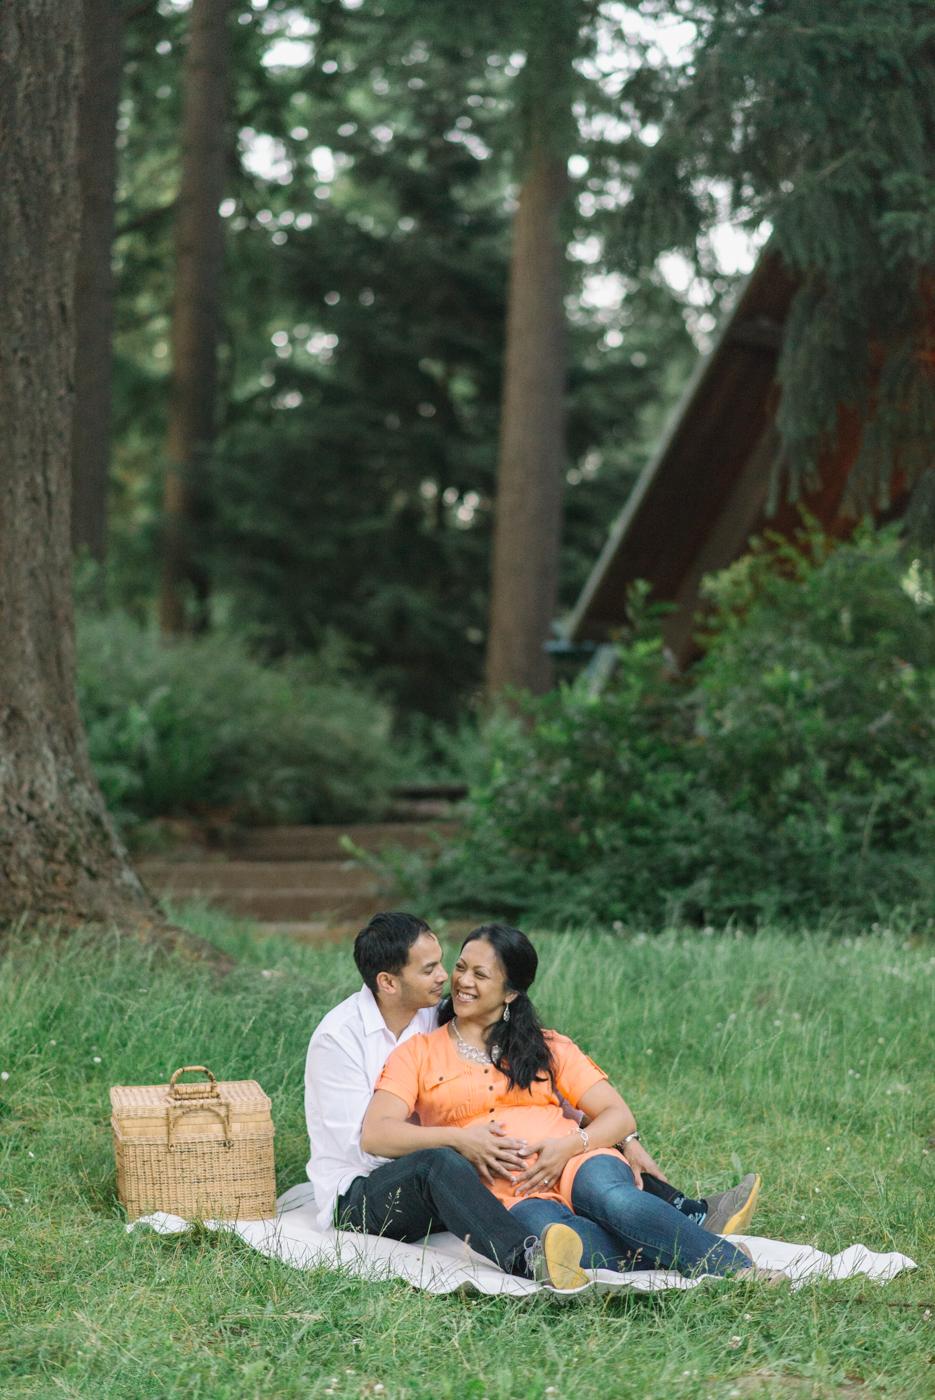 Portland-oregon-maternity-photography-couple-Hoyt-Arboretum-Washington-Park-picnic-professional-family-session-photos-natural-woodland-17